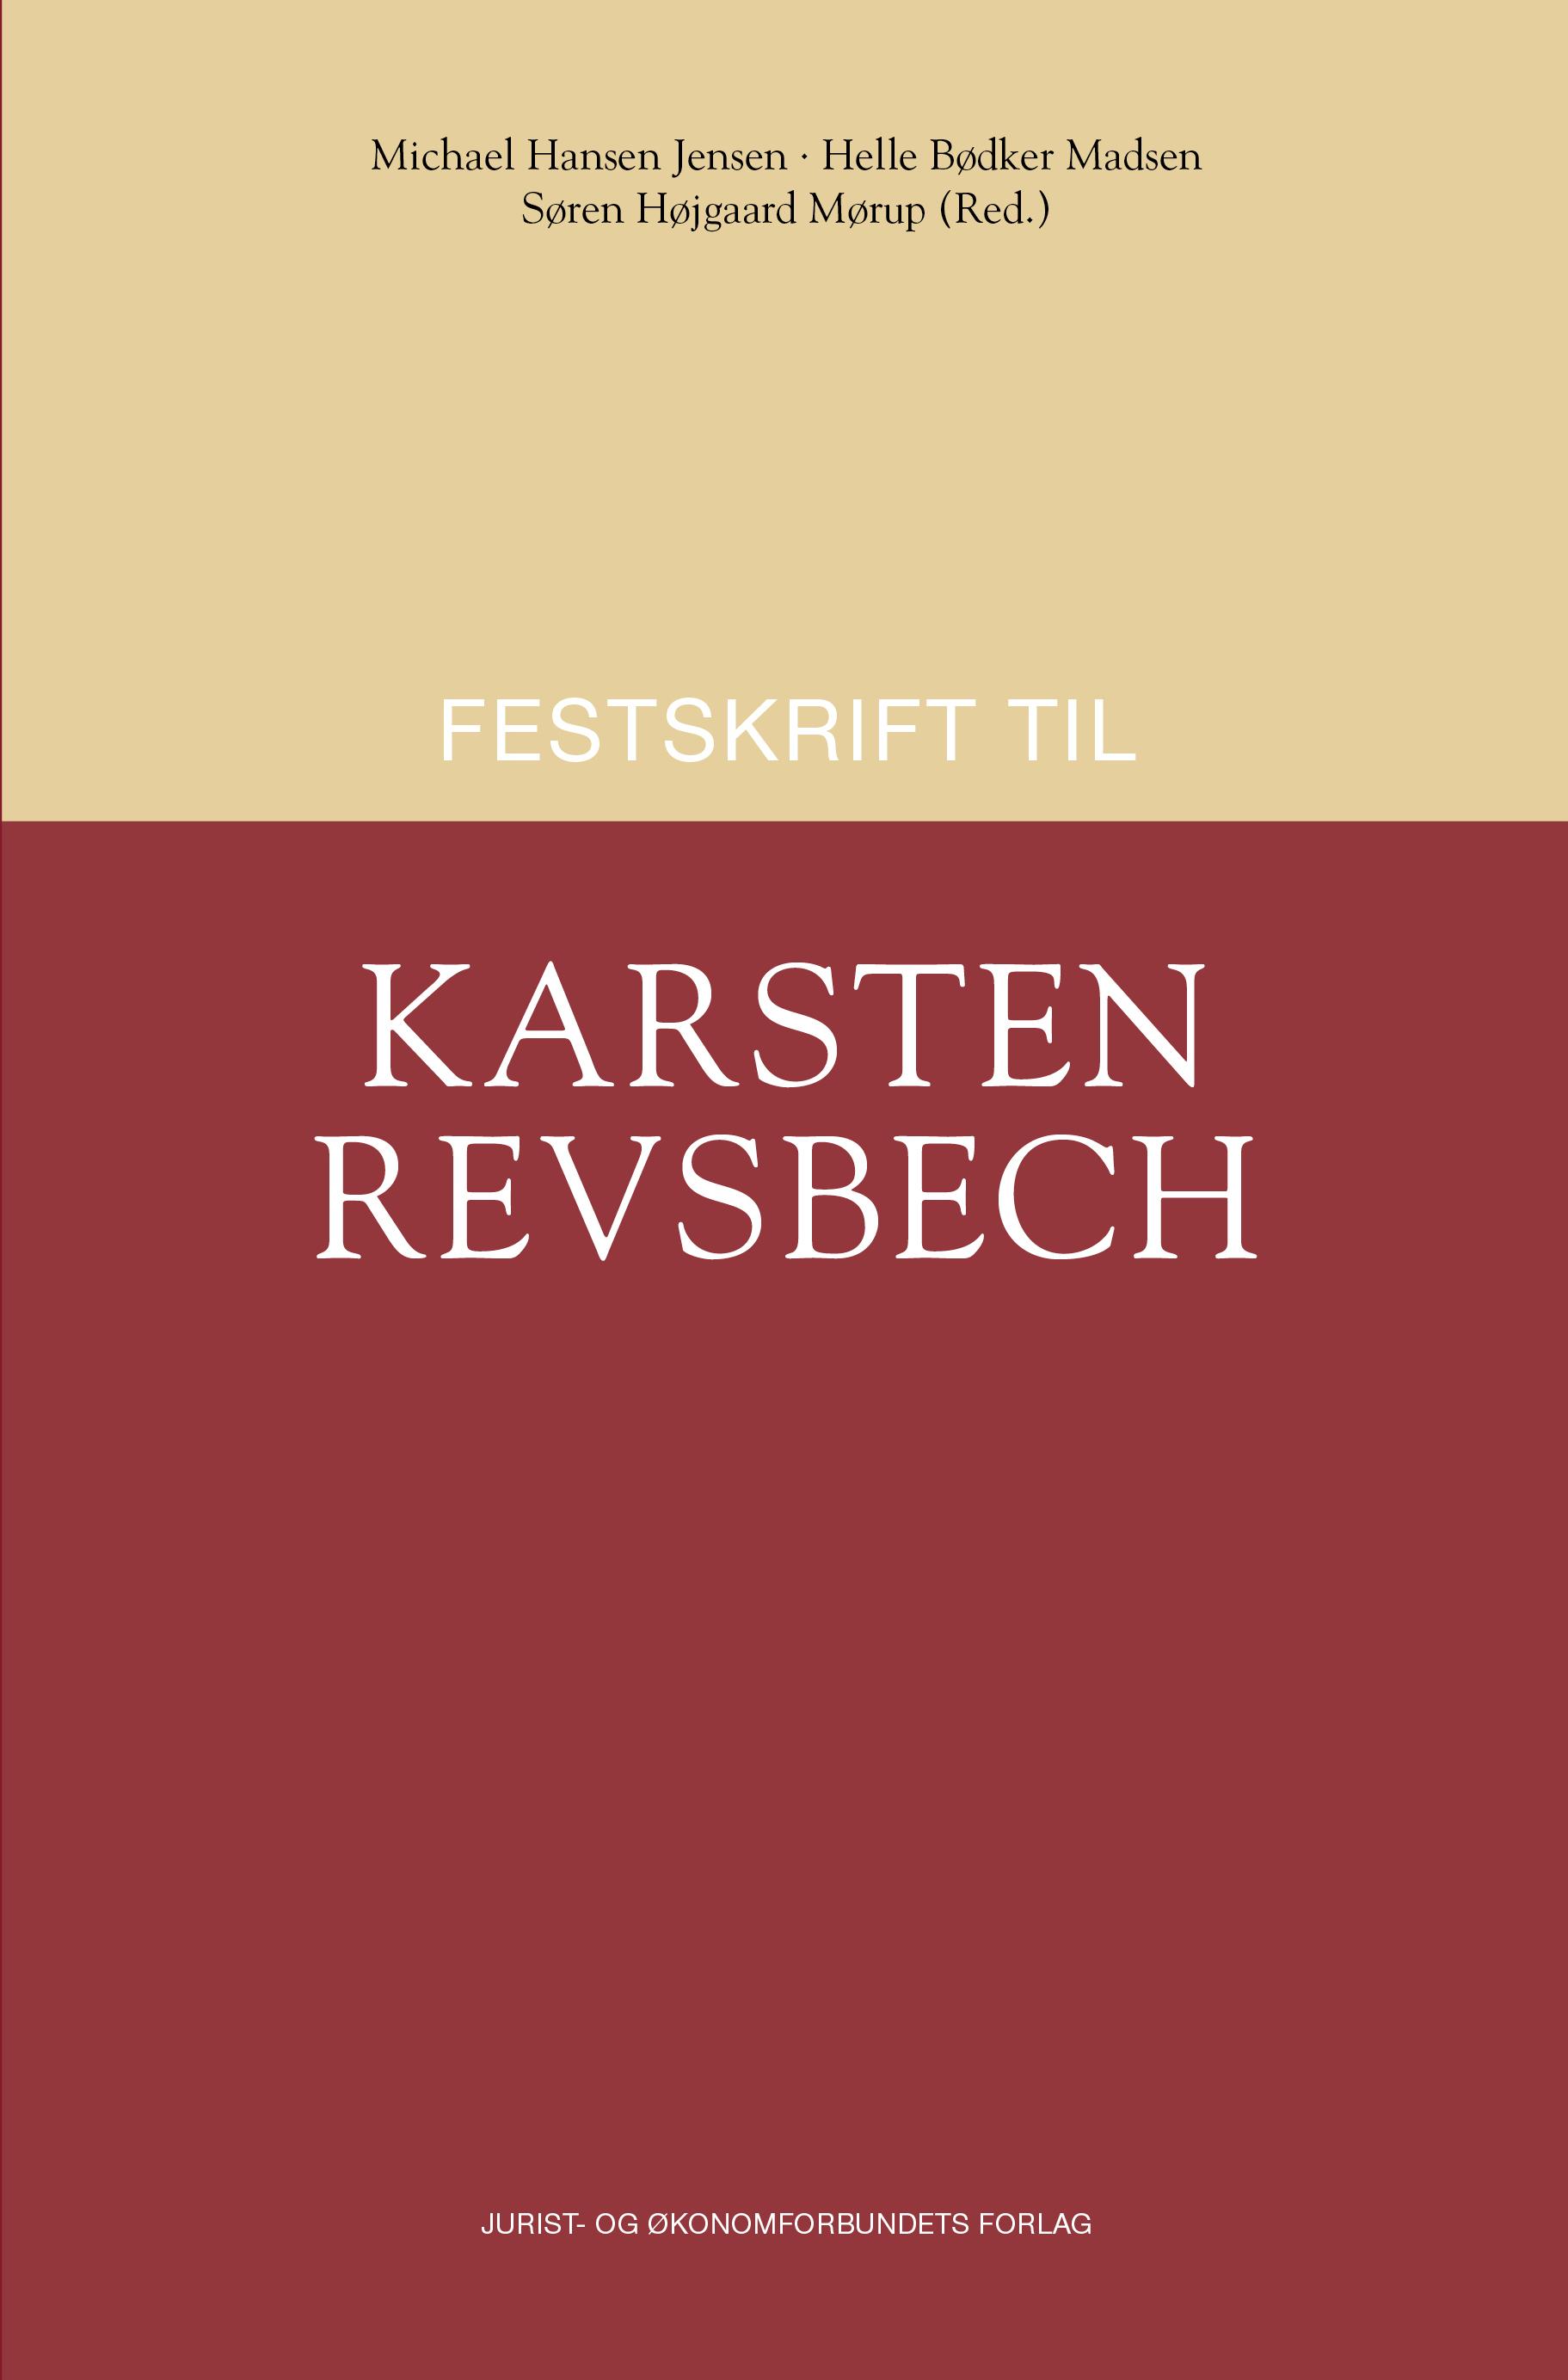 Festskrift til Karsten Revsbech - Af Michael Hansen Jensen (Ansv. Red.), Helle Bødker Madsen (Ansv. Red.), Søren Højgaard Mørup (Ansv. Red.) - Bøger - Djøf Forlag - 9788757443578 - 29/8-2020